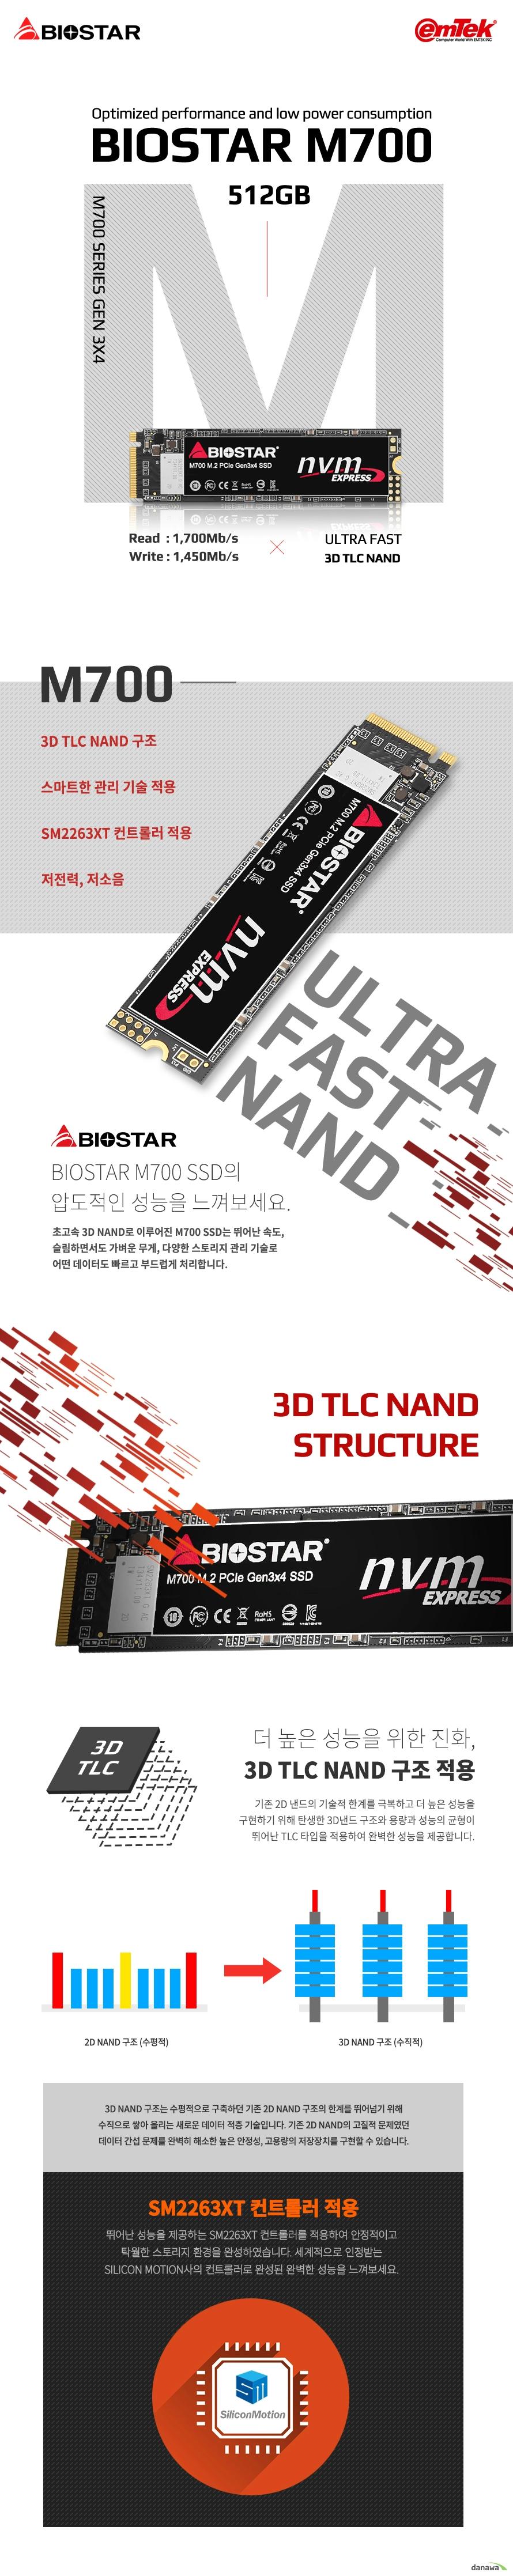 이엠텍 BIOSTAR M700 (512GB)  제품 상세 정보  용량 512GB 인터페이스 PCIE GEN3x4 낸드 종류 3D TLC 낸드 플래시 컨트롤러 SM2263XT  제품 성능 읽기 최대 1700MB/S 쓰기 최대 1450MB/S  작동 온도 0도에서 영상 70도까지  정격 전압 DC 3.3V  제품 특징 TRIM S.M.A.R.T WEAR LEVELING 기술 적용 제품 크기 길이 80 밀리미터 넓이 22 밀리미터 두께 3.5 밀리미터  충격 저항 1500G 진동 저항 7~800헤르츠  전력 소모   사용시 4와트 대기시 0.5와트  제품 무게 9그램 제품 보증 3년 무상보증 KC인증번호 R-R-EMT-BS-M700